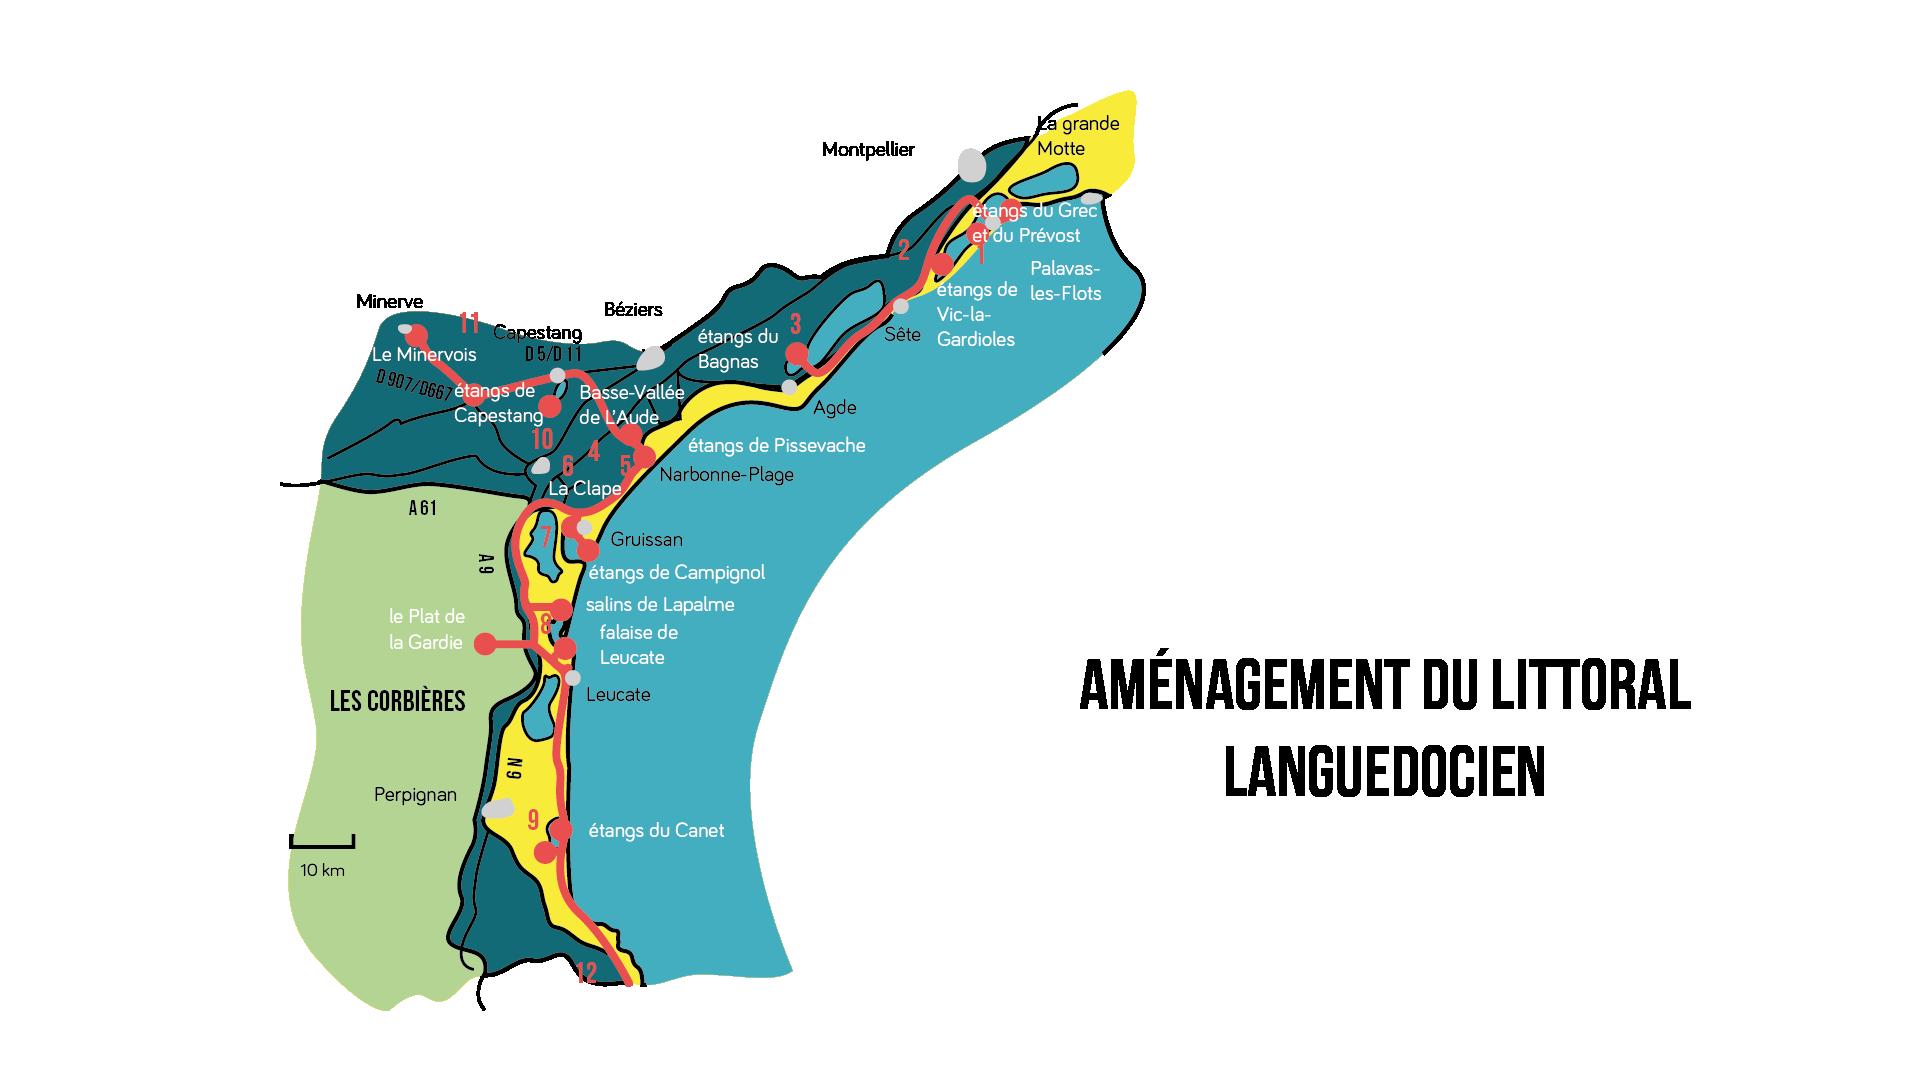 Aménagement du littoral languedocien Géographie seconde